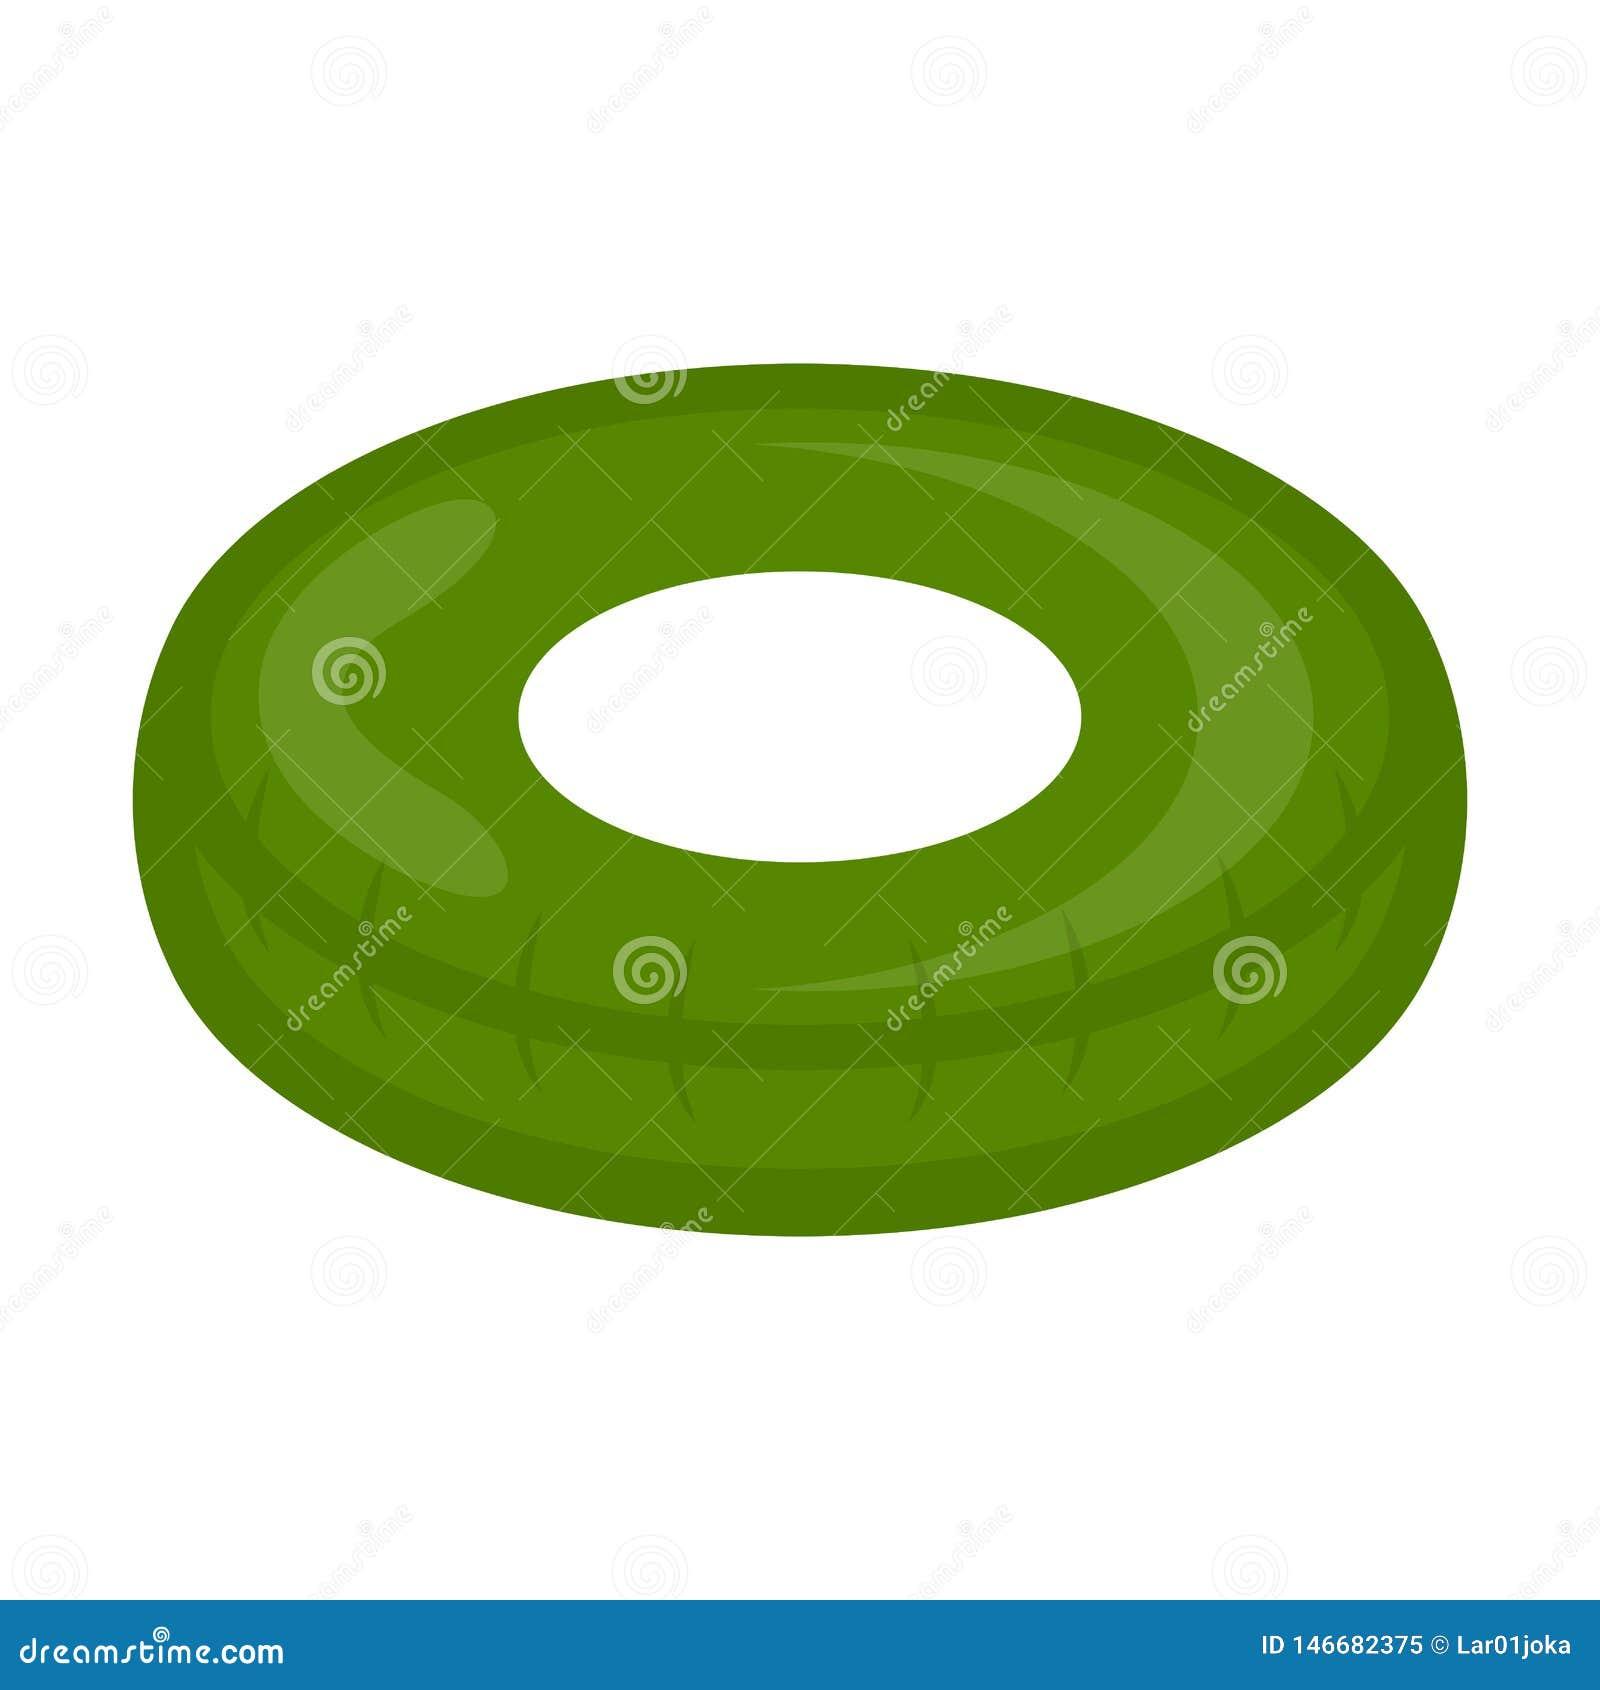 Imagen verde aislada del juguete del flotador de la piscina